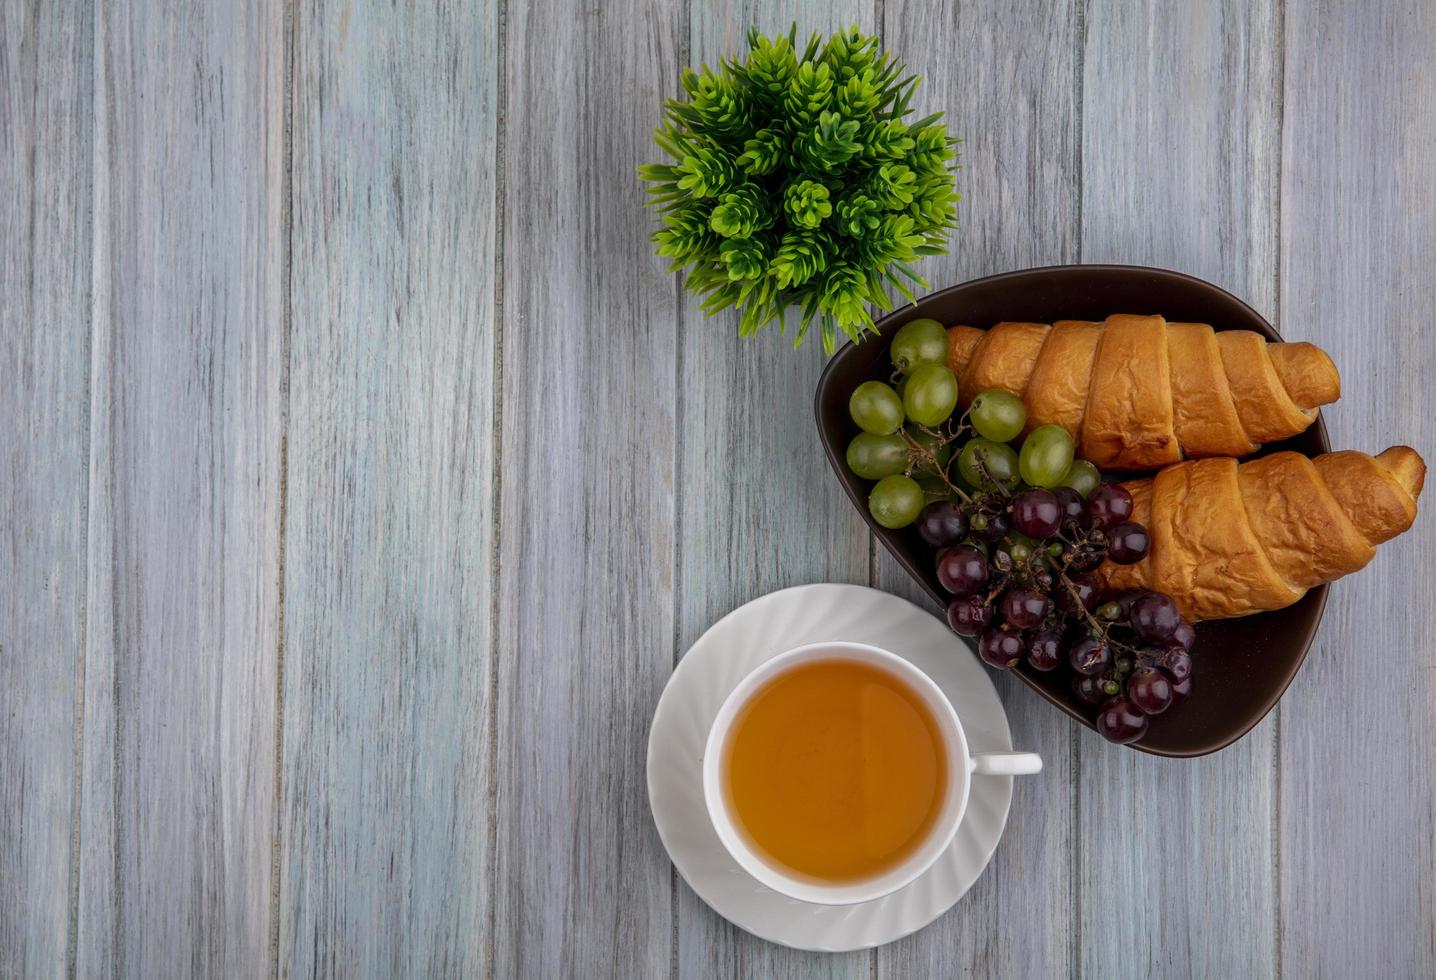 Fotografía de alimentos laicos plana de una taza de té con pan y bayas con espacio de copia foto